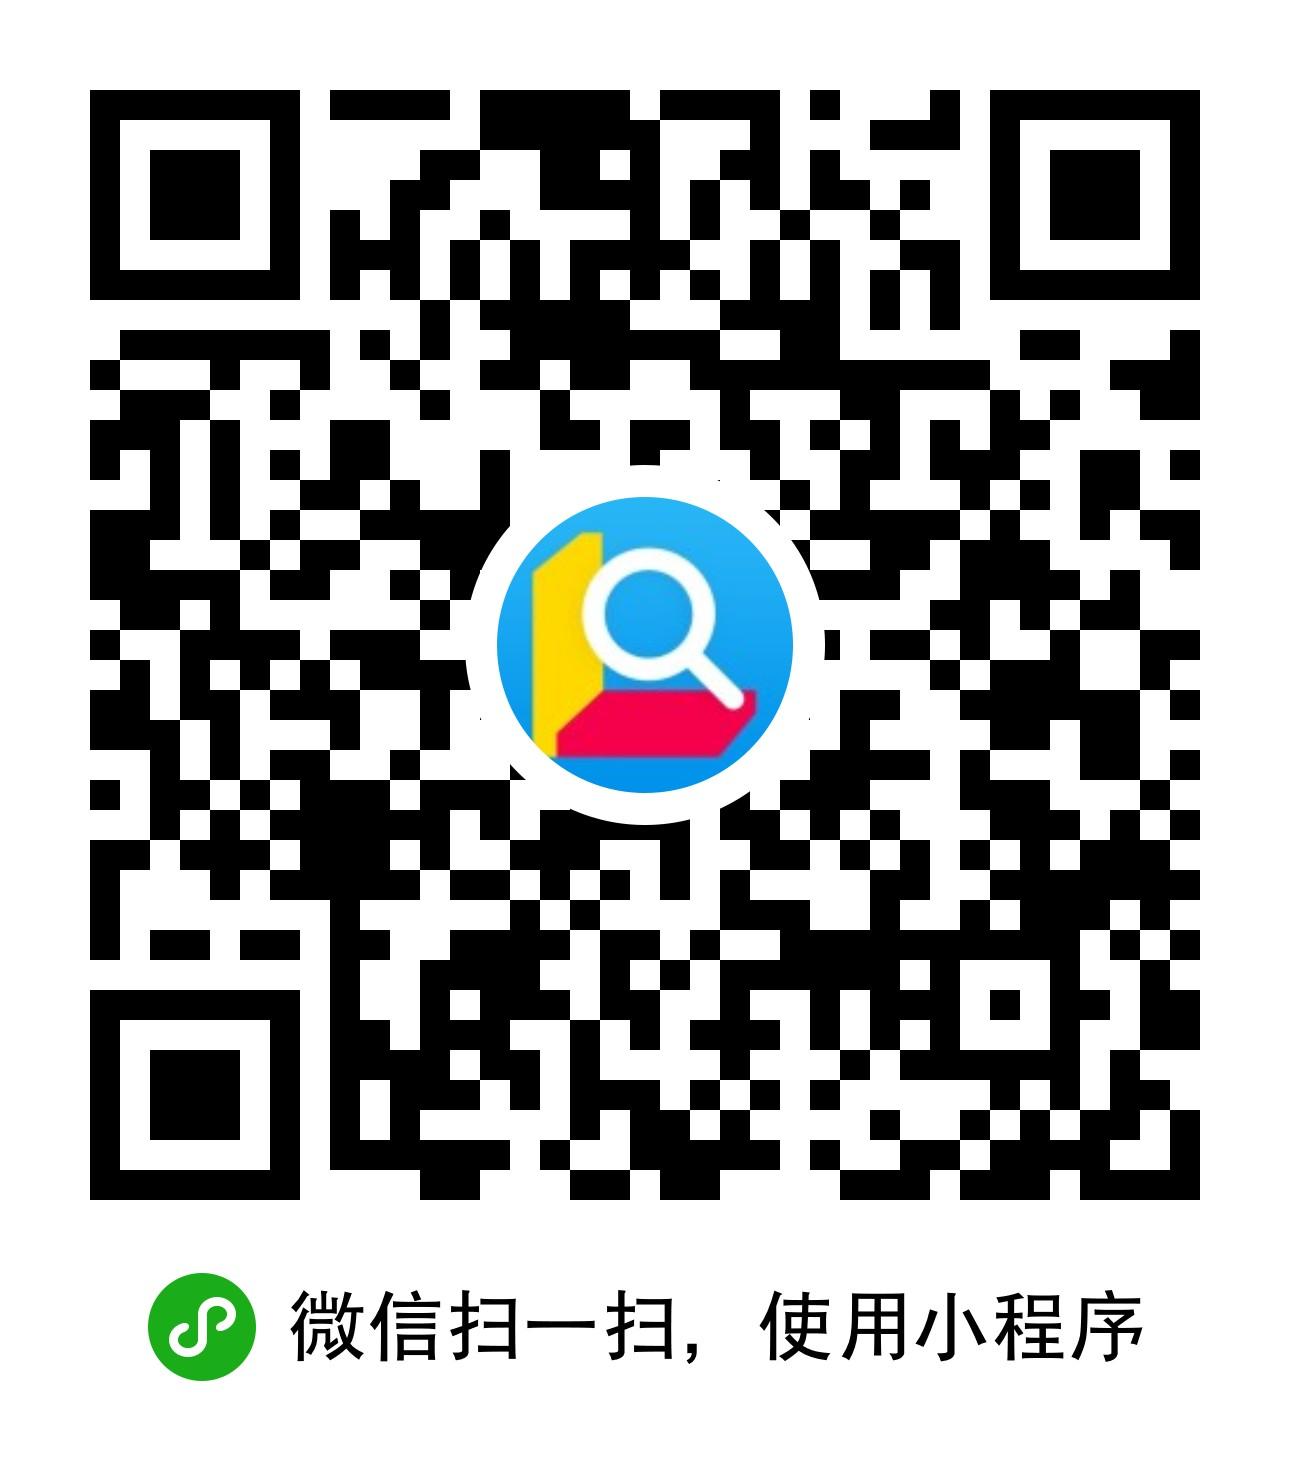 金山词霸翻译-微信小程序二维码